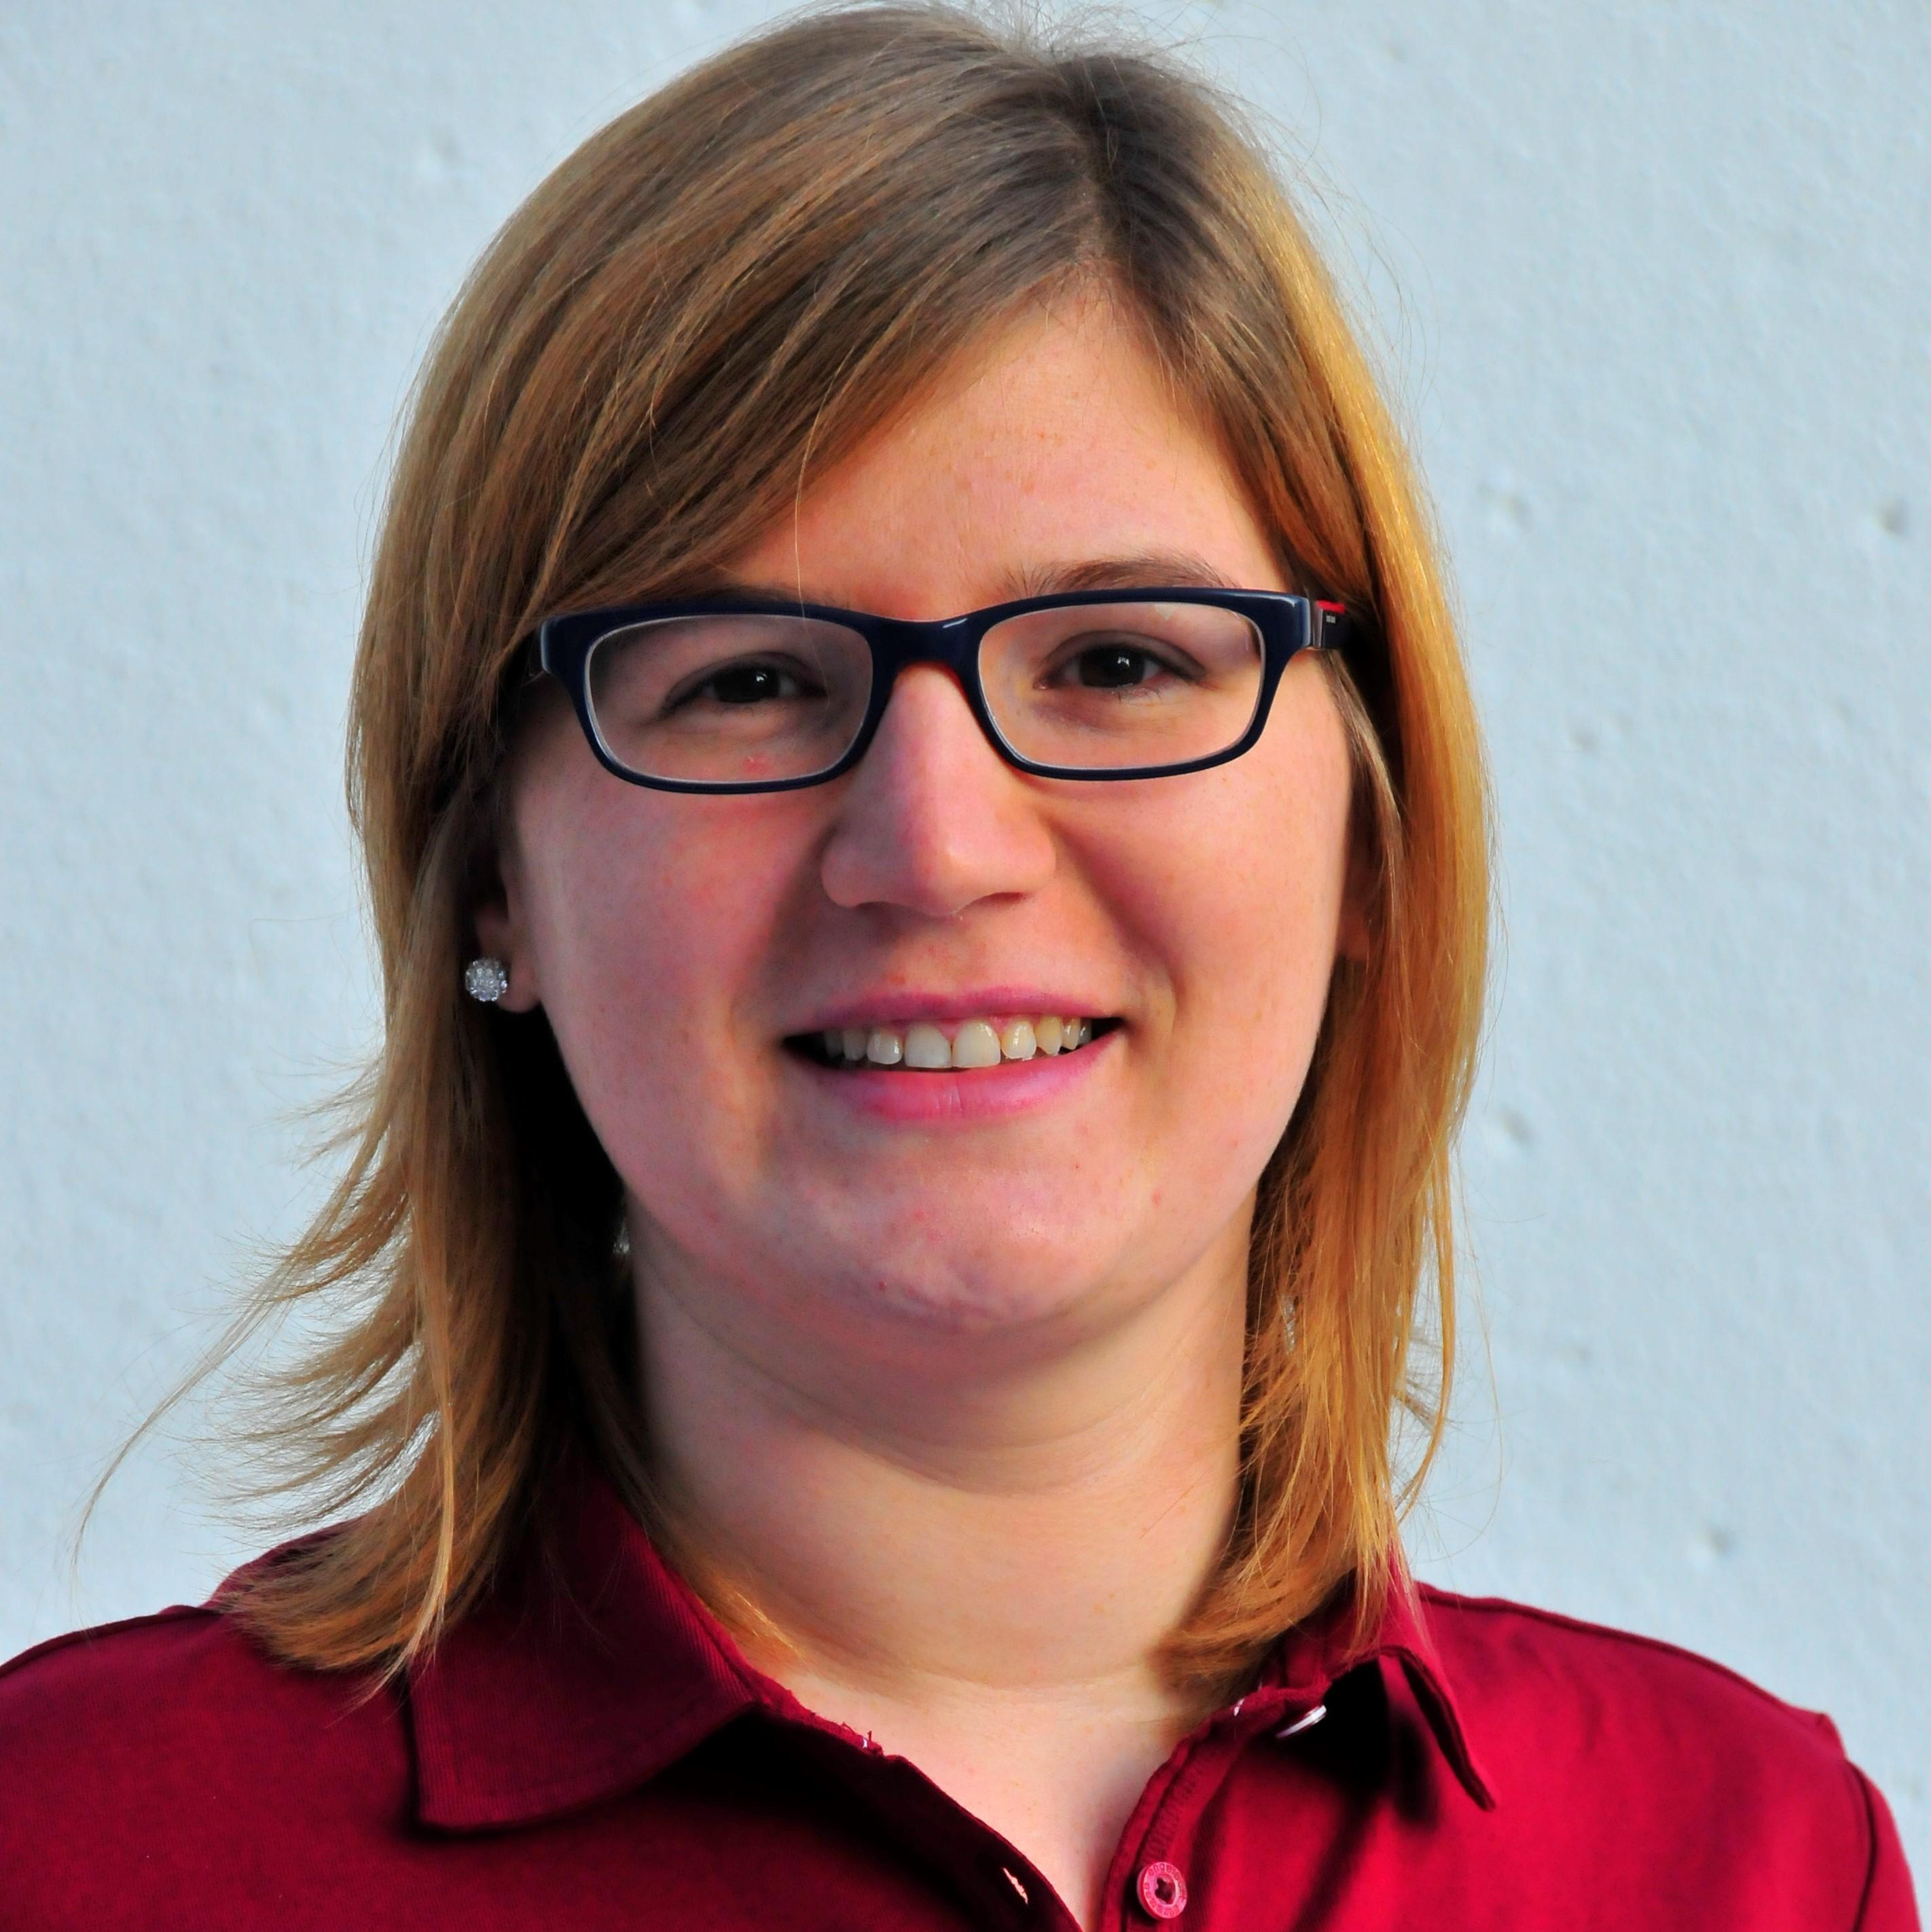 Porträtfoto von Bianca Widerspick